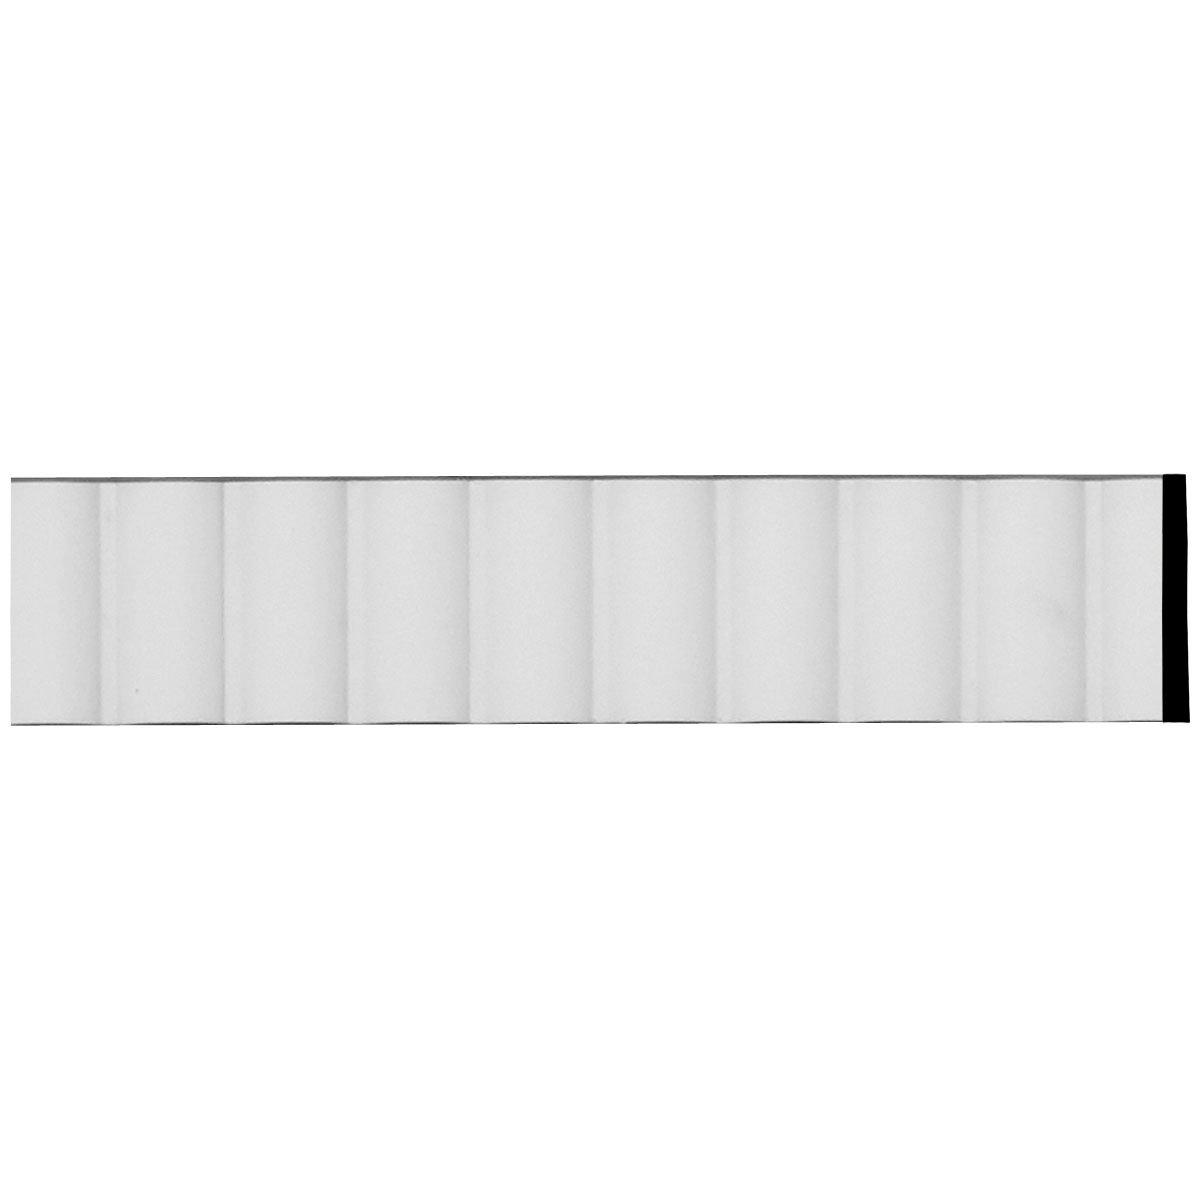 1 3/4''H x 3/8''P x 94 1/2''L Lyon Panel Moulding